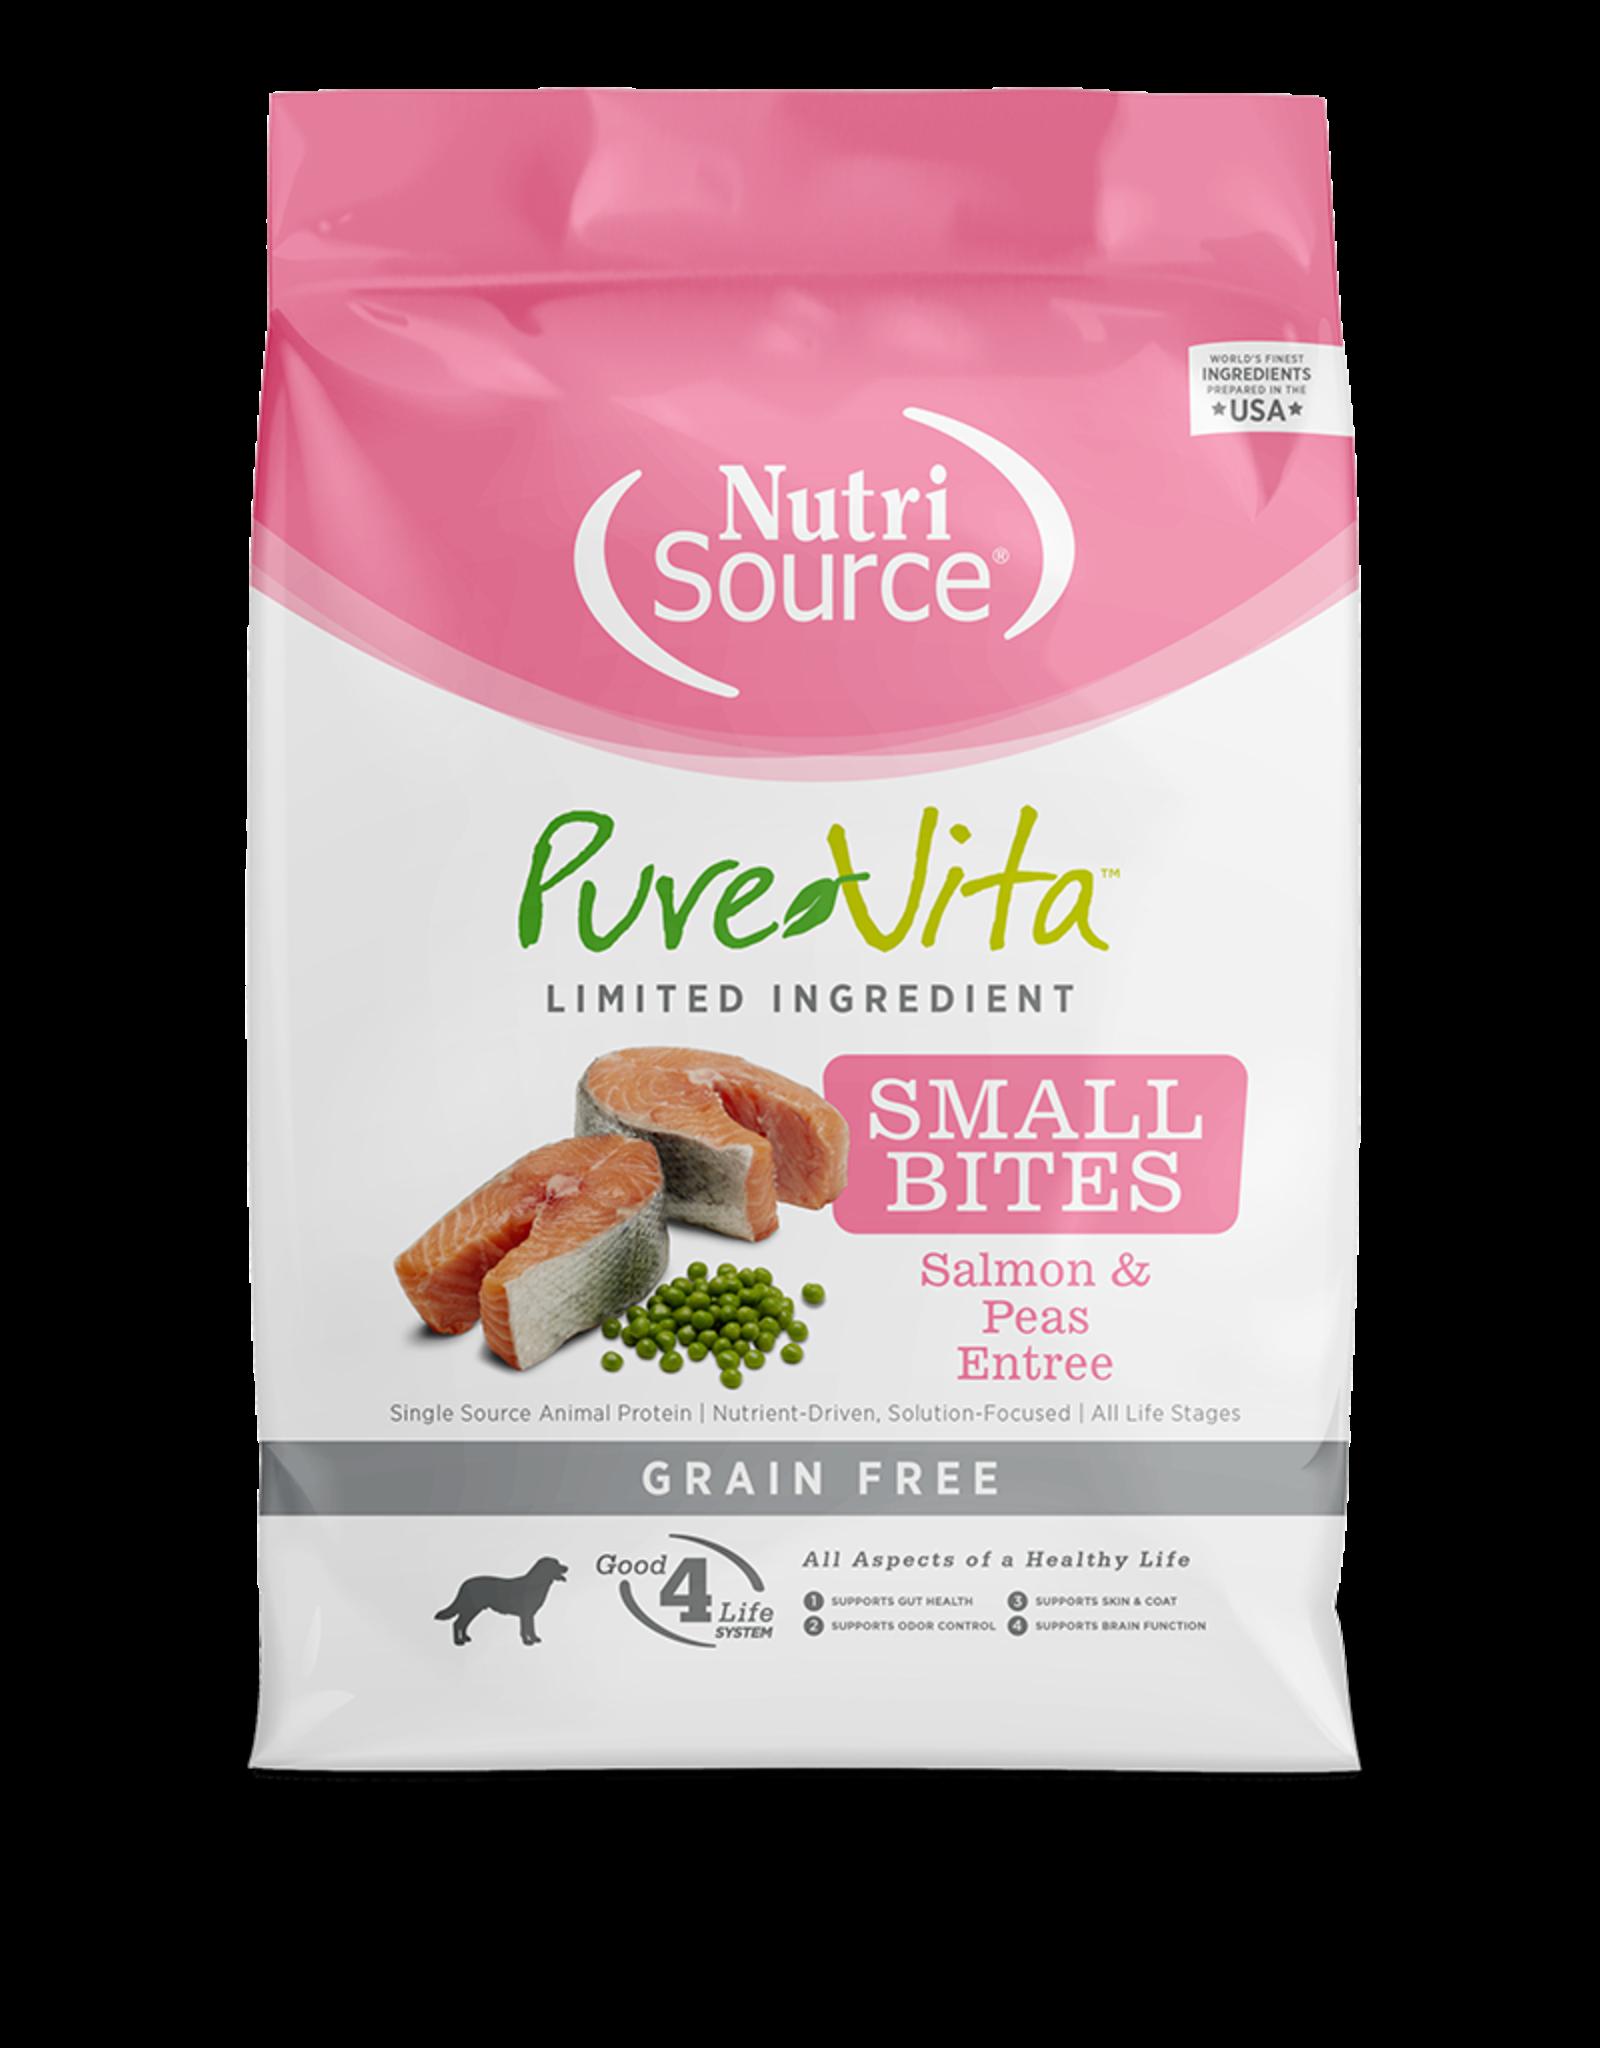 NutriSource Pet Foods PUREVITA DOG SMALL BITES SALMON & PEAS ENTRÉE